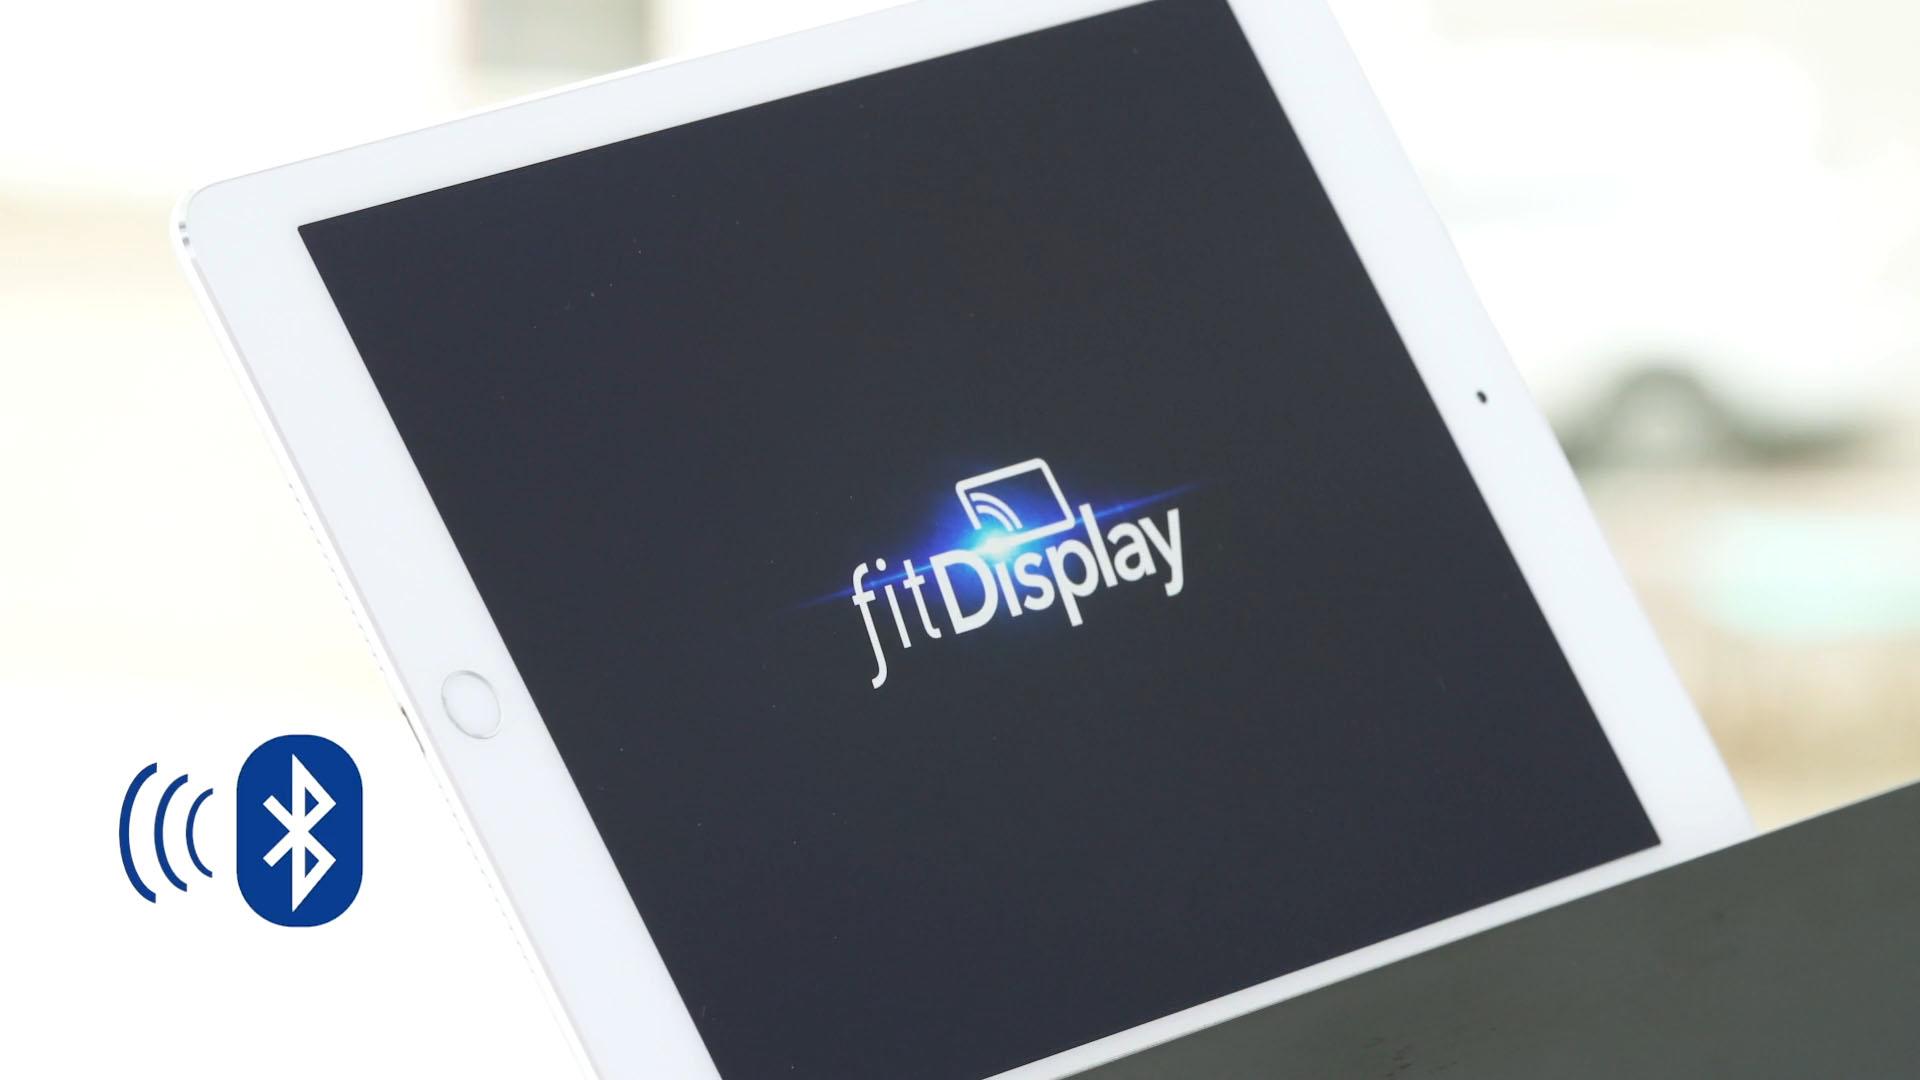 Horizon Fit Display app